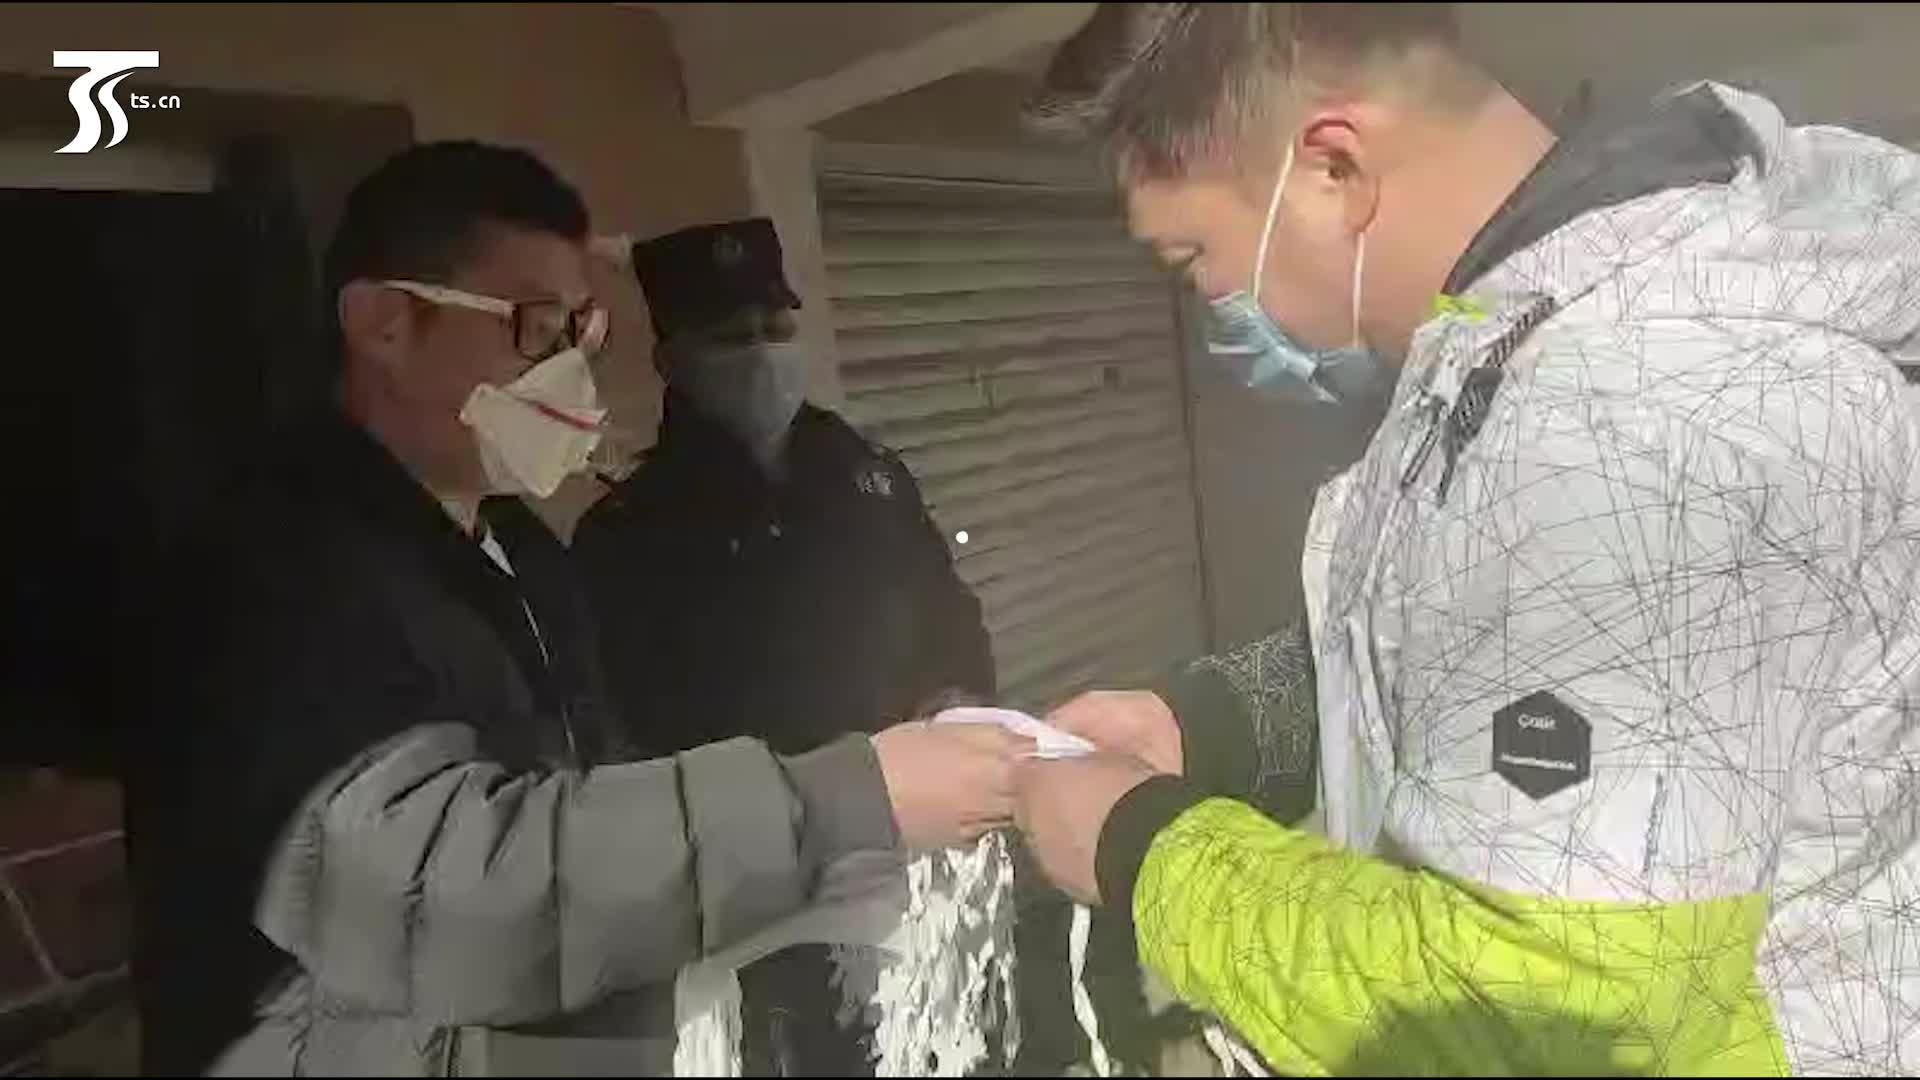 小天视频|冷家利的暖心举动:向市民免费发放口罩给医院捐赠物资